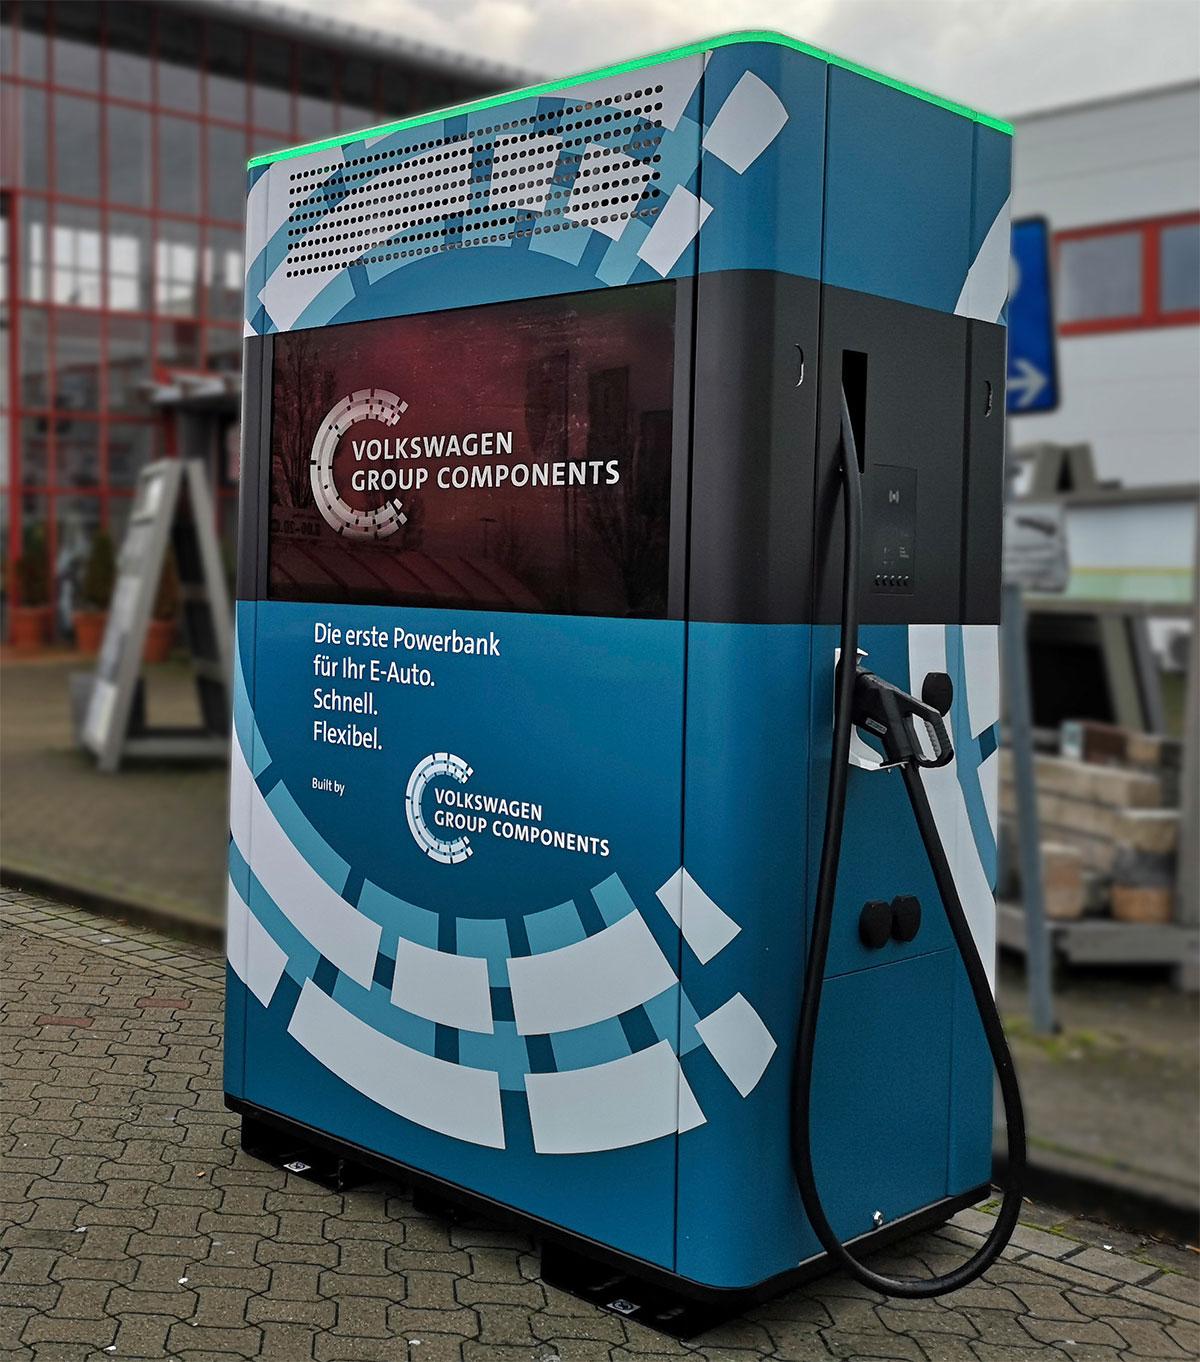 VW-Powerbank